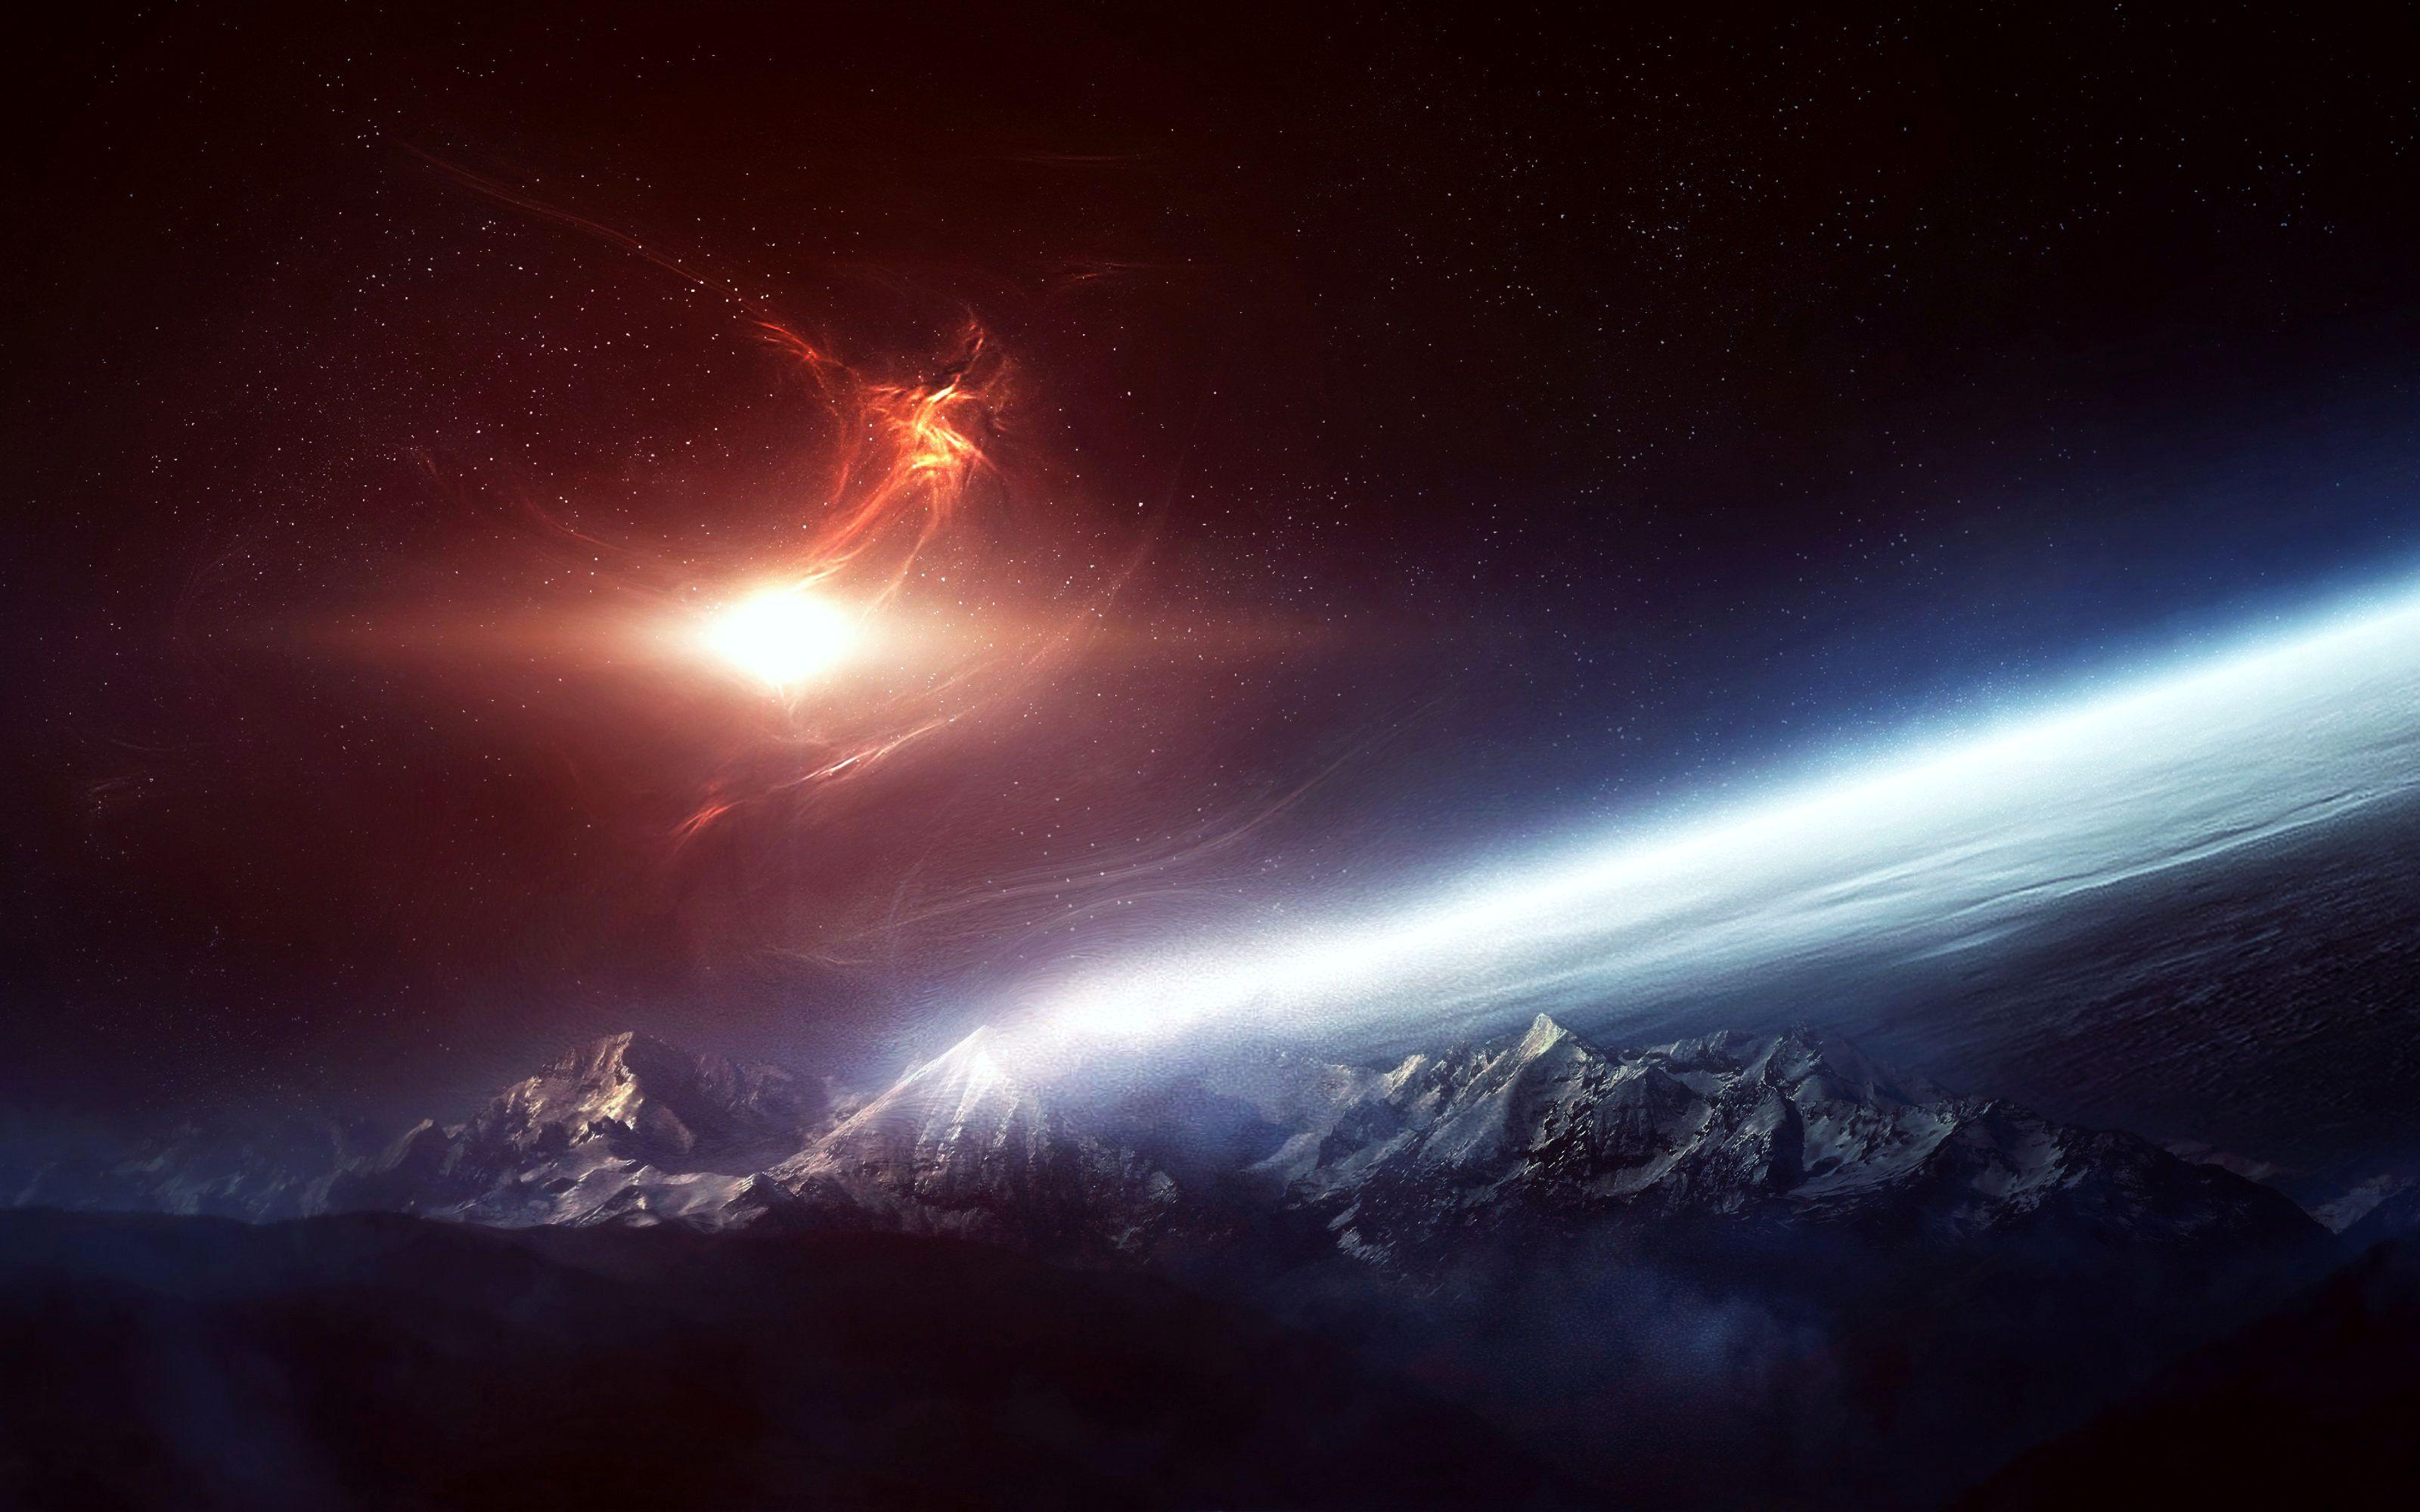 Обои Свечение за планетами картинки на рабочий стол на тему Космос - скачать загрузить